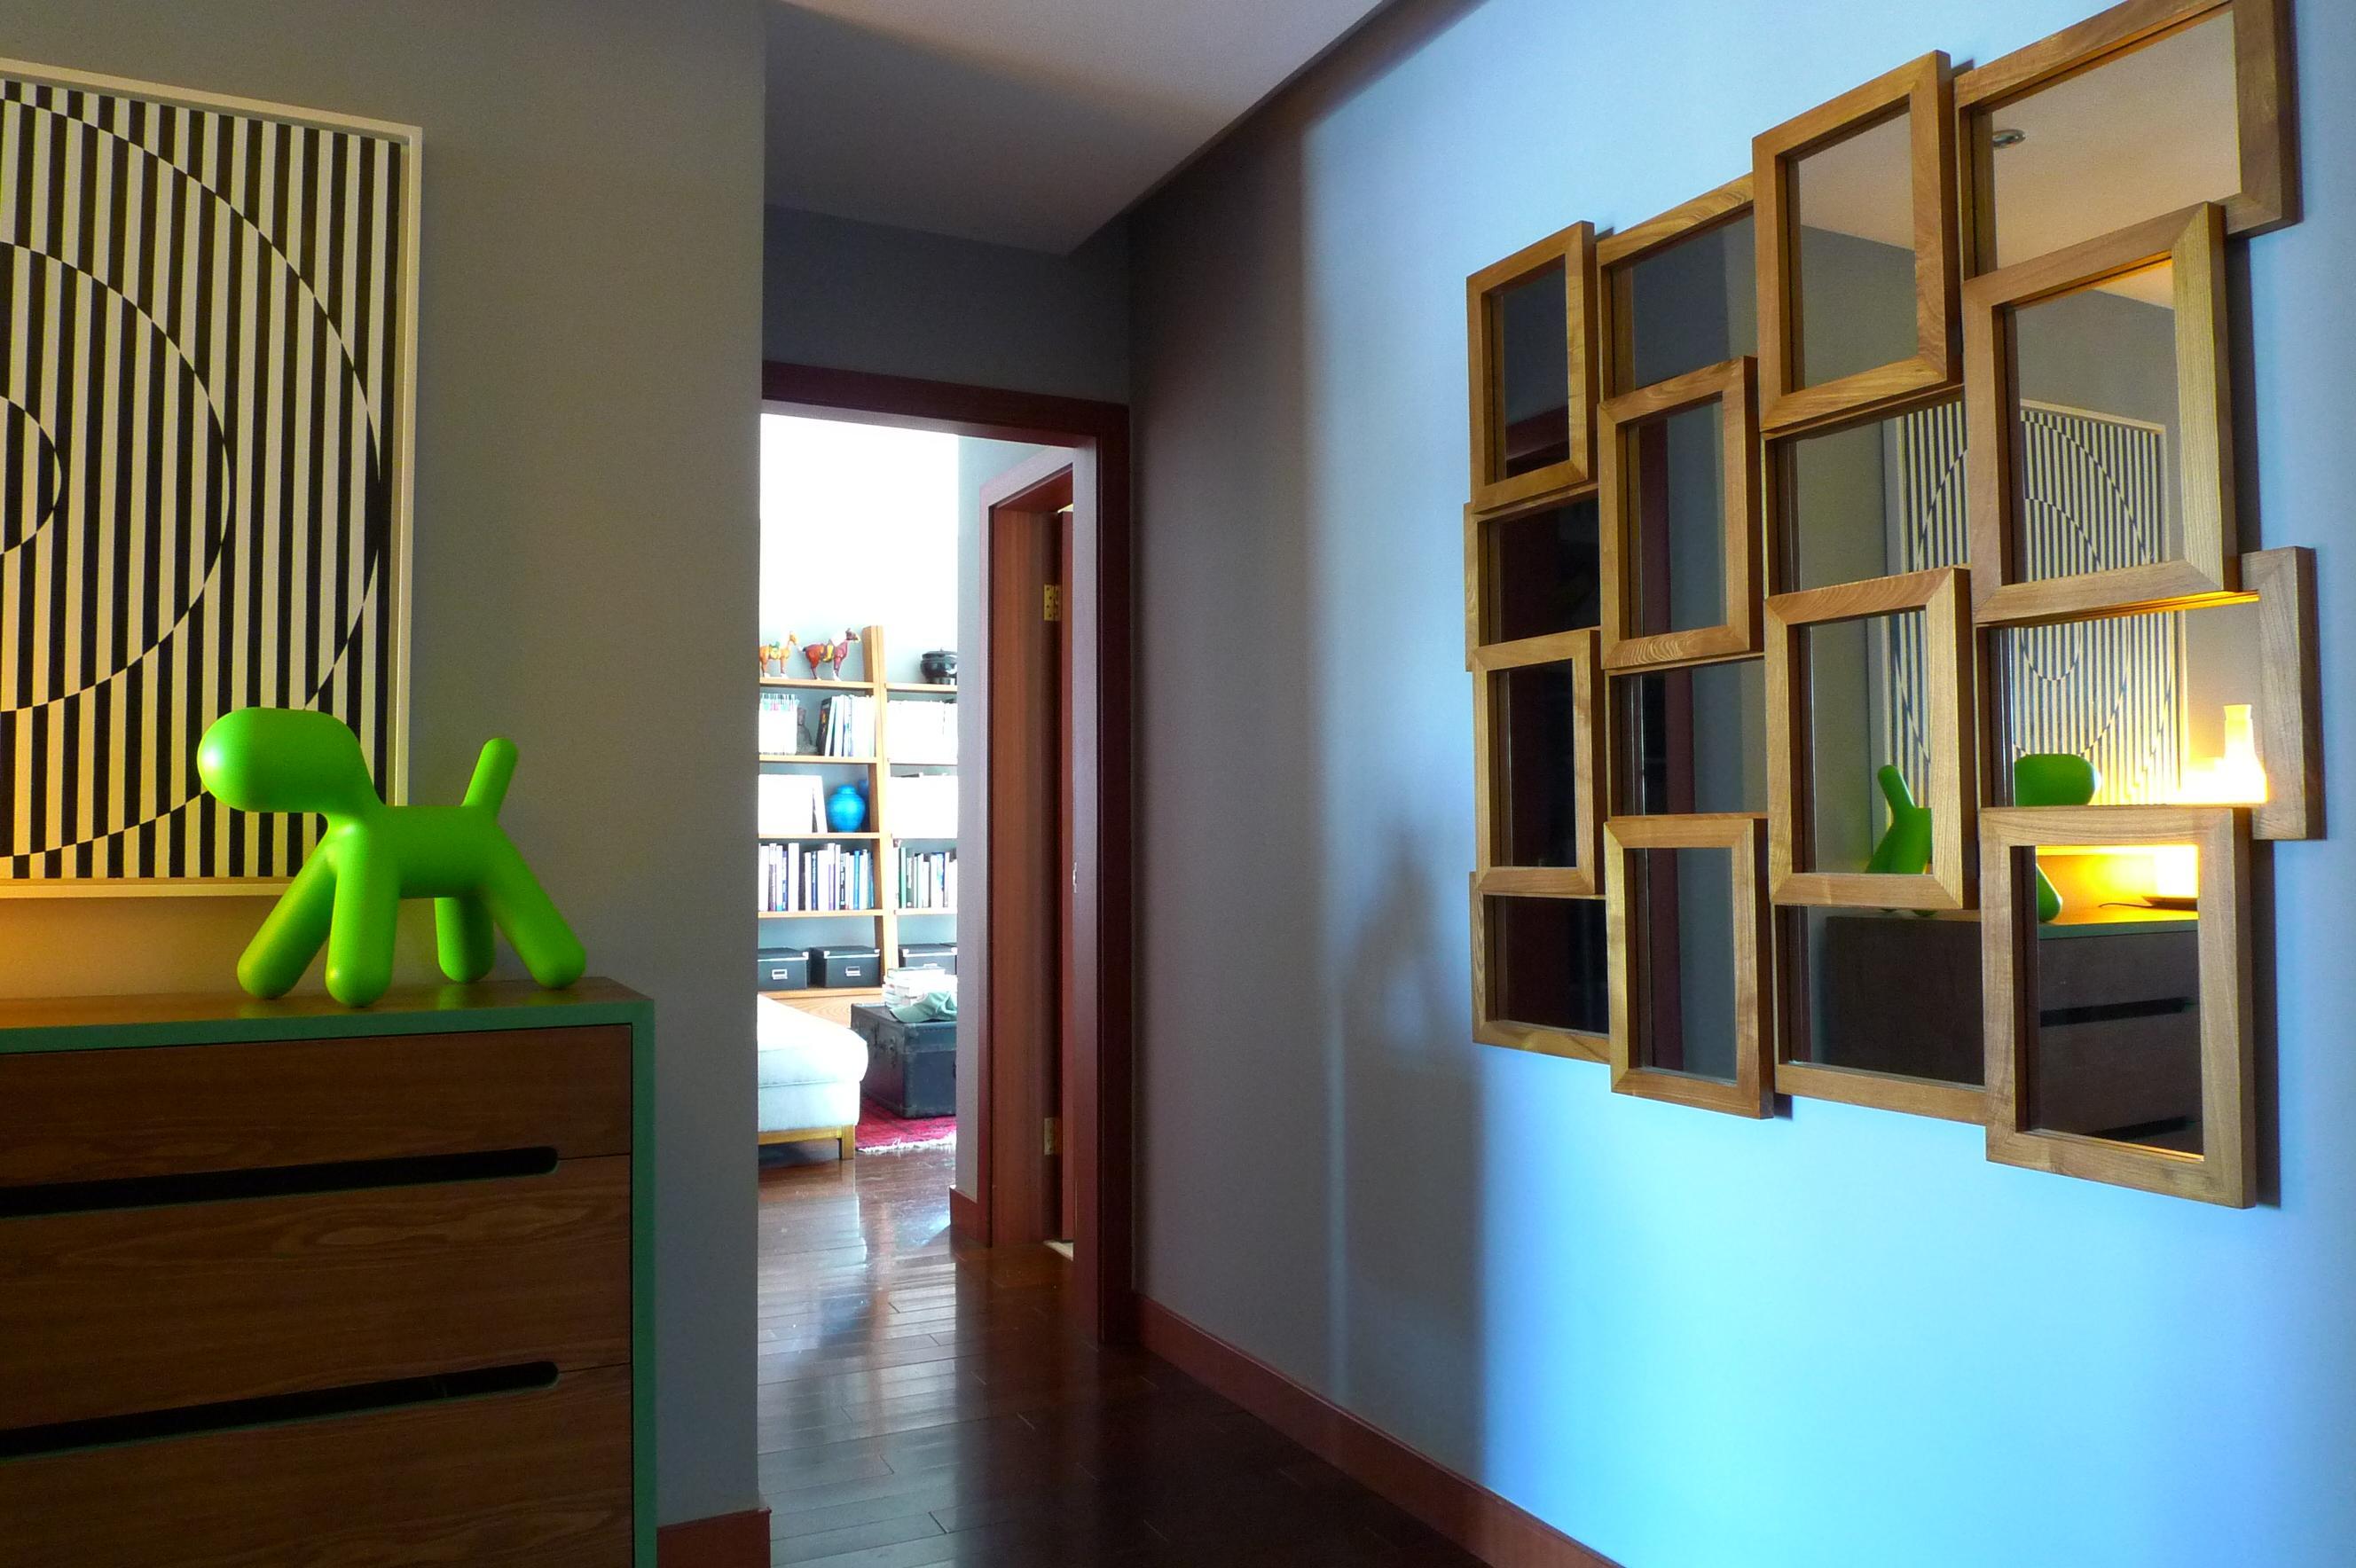 Flur Spiegel Wandgestaltung Kommode Wandspiegel